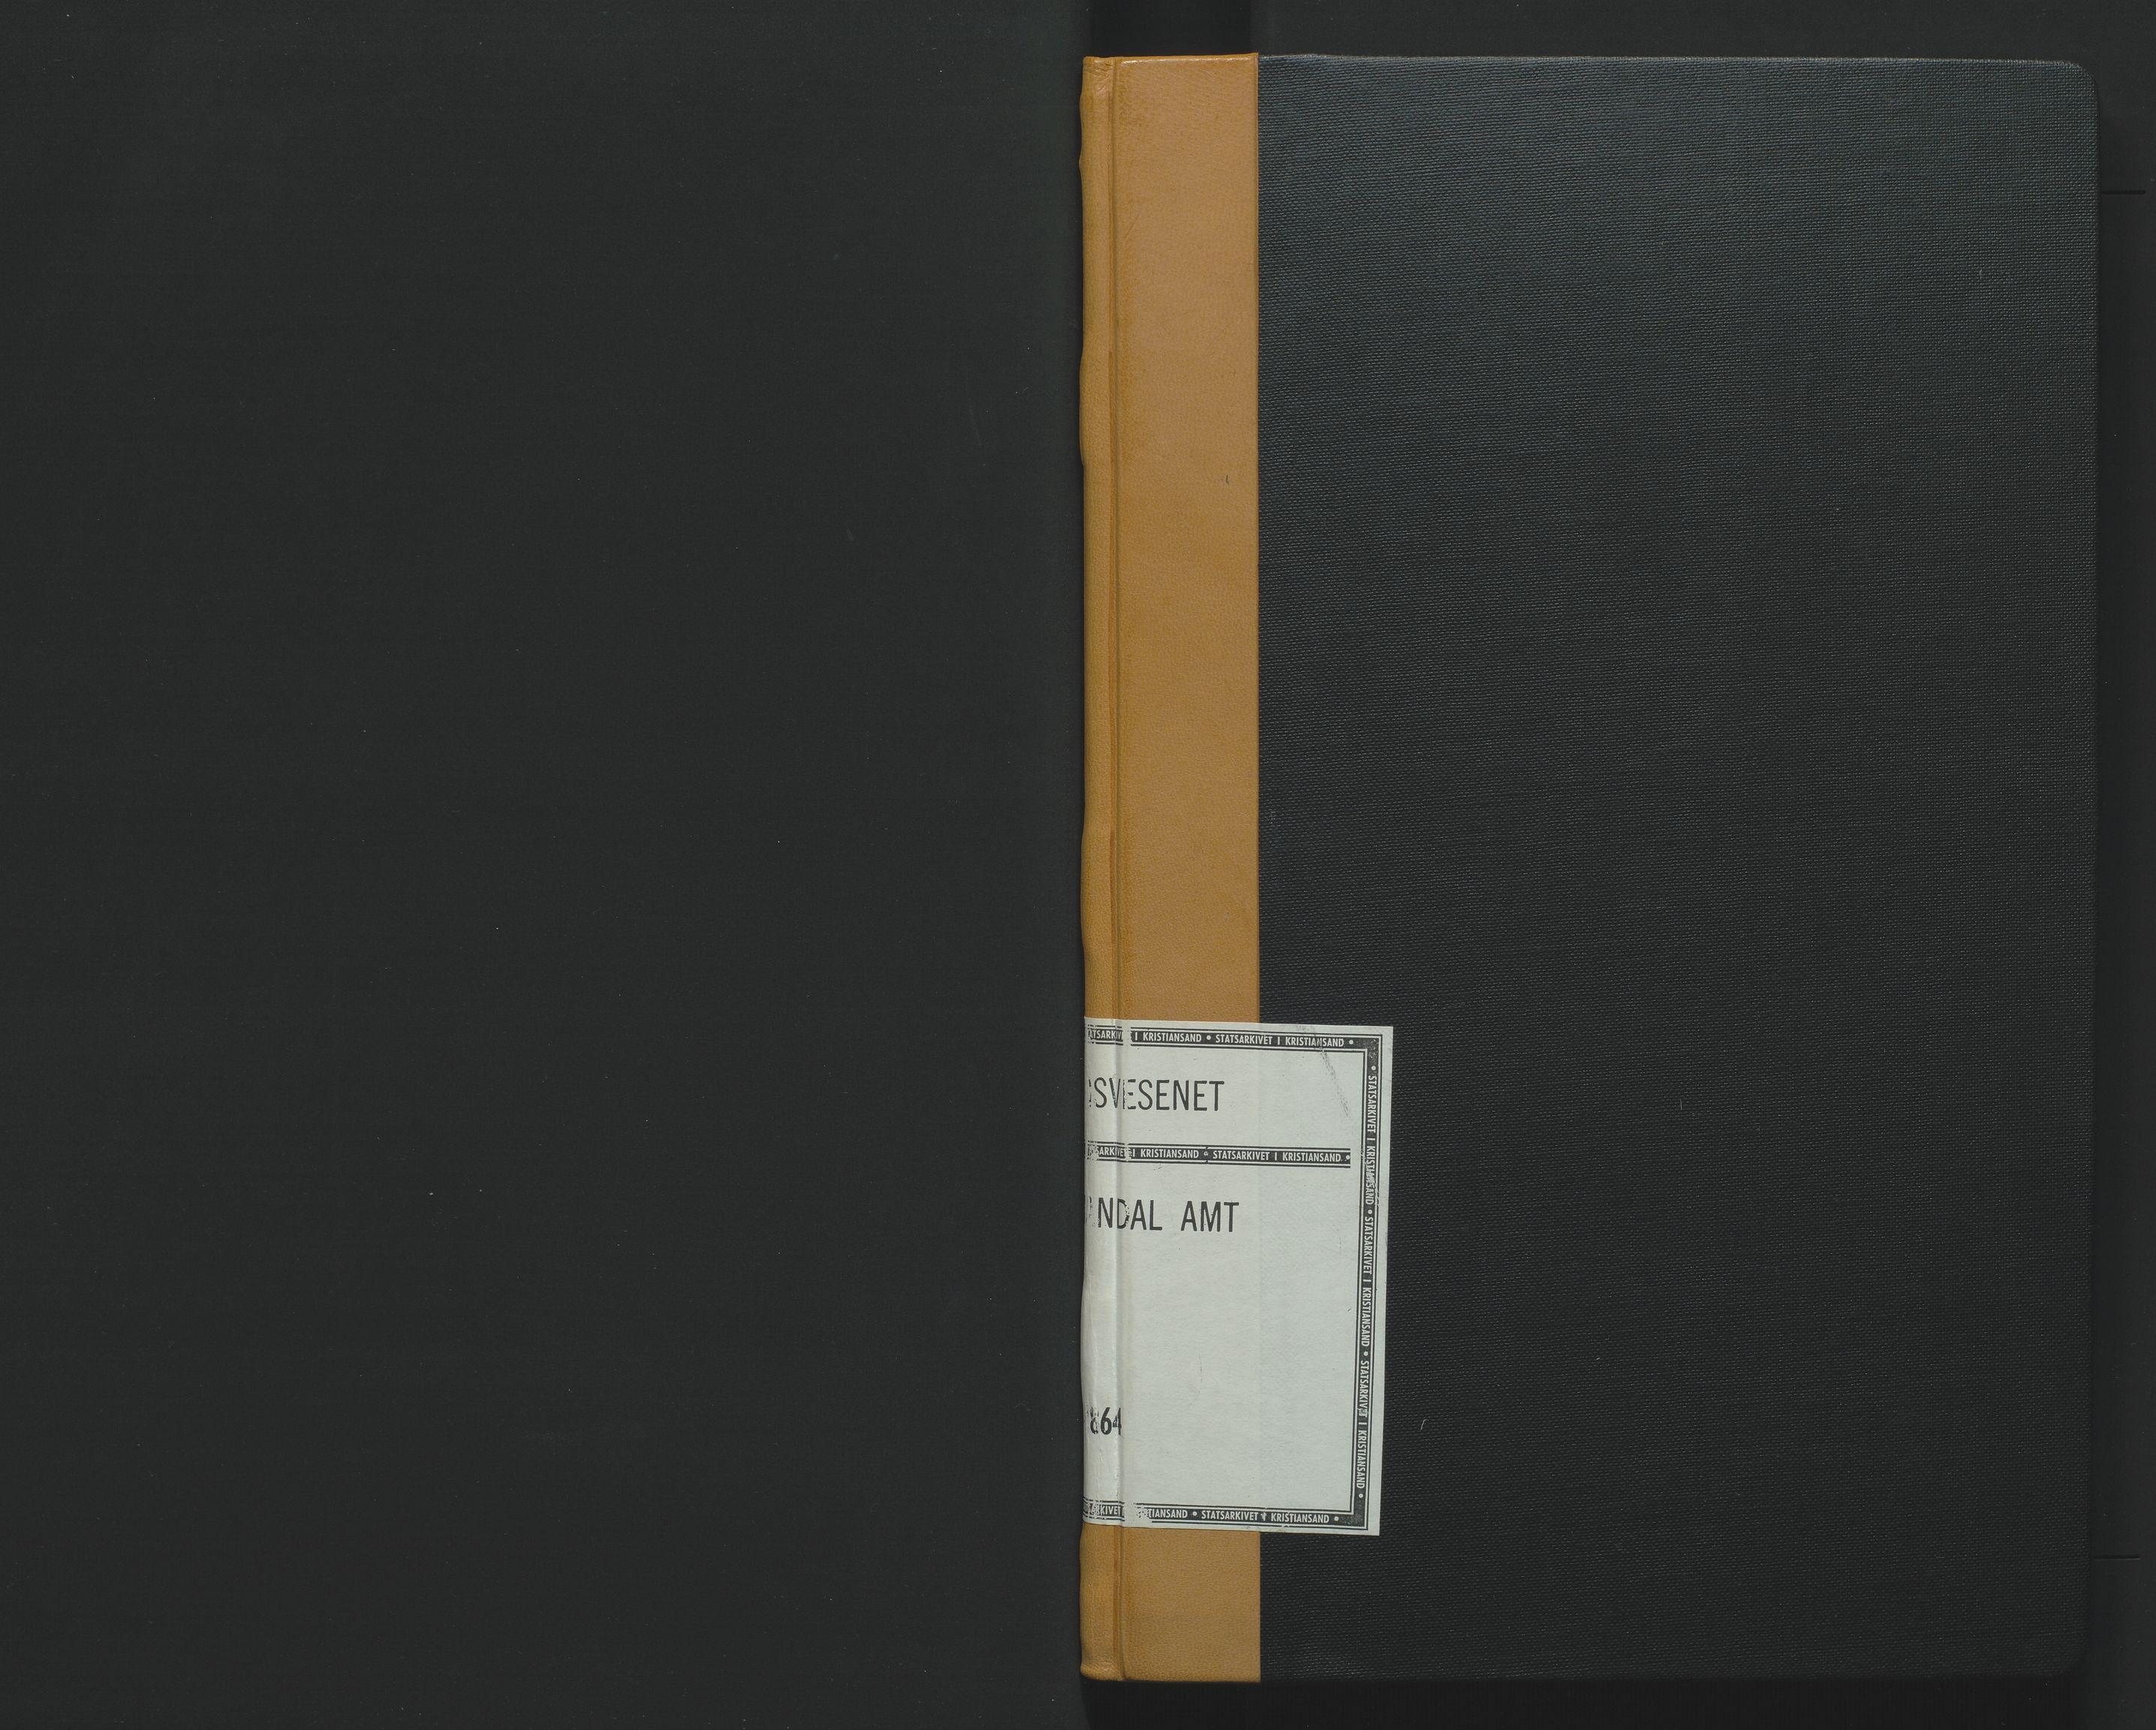 SAK, Utskiftningsformannen i Lister og Mandal amt, F/Fa/Faa/L0007: Utskiftningsprotokoll med register nr 7, 1863-1864